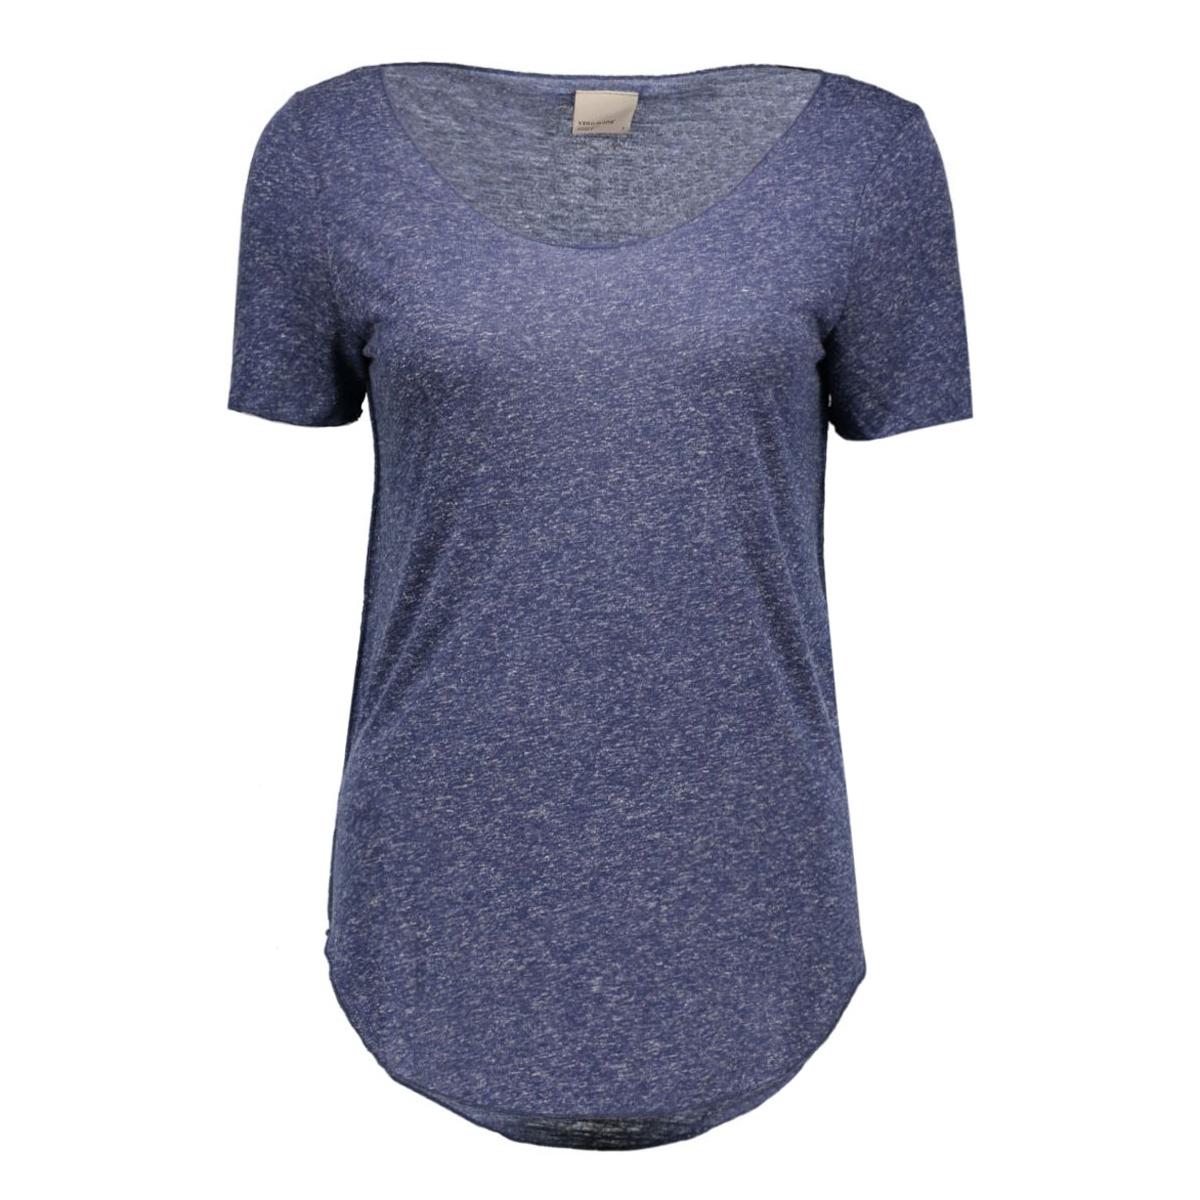 vmlua ss top noos 10149900 vero moda t-shirt black iris